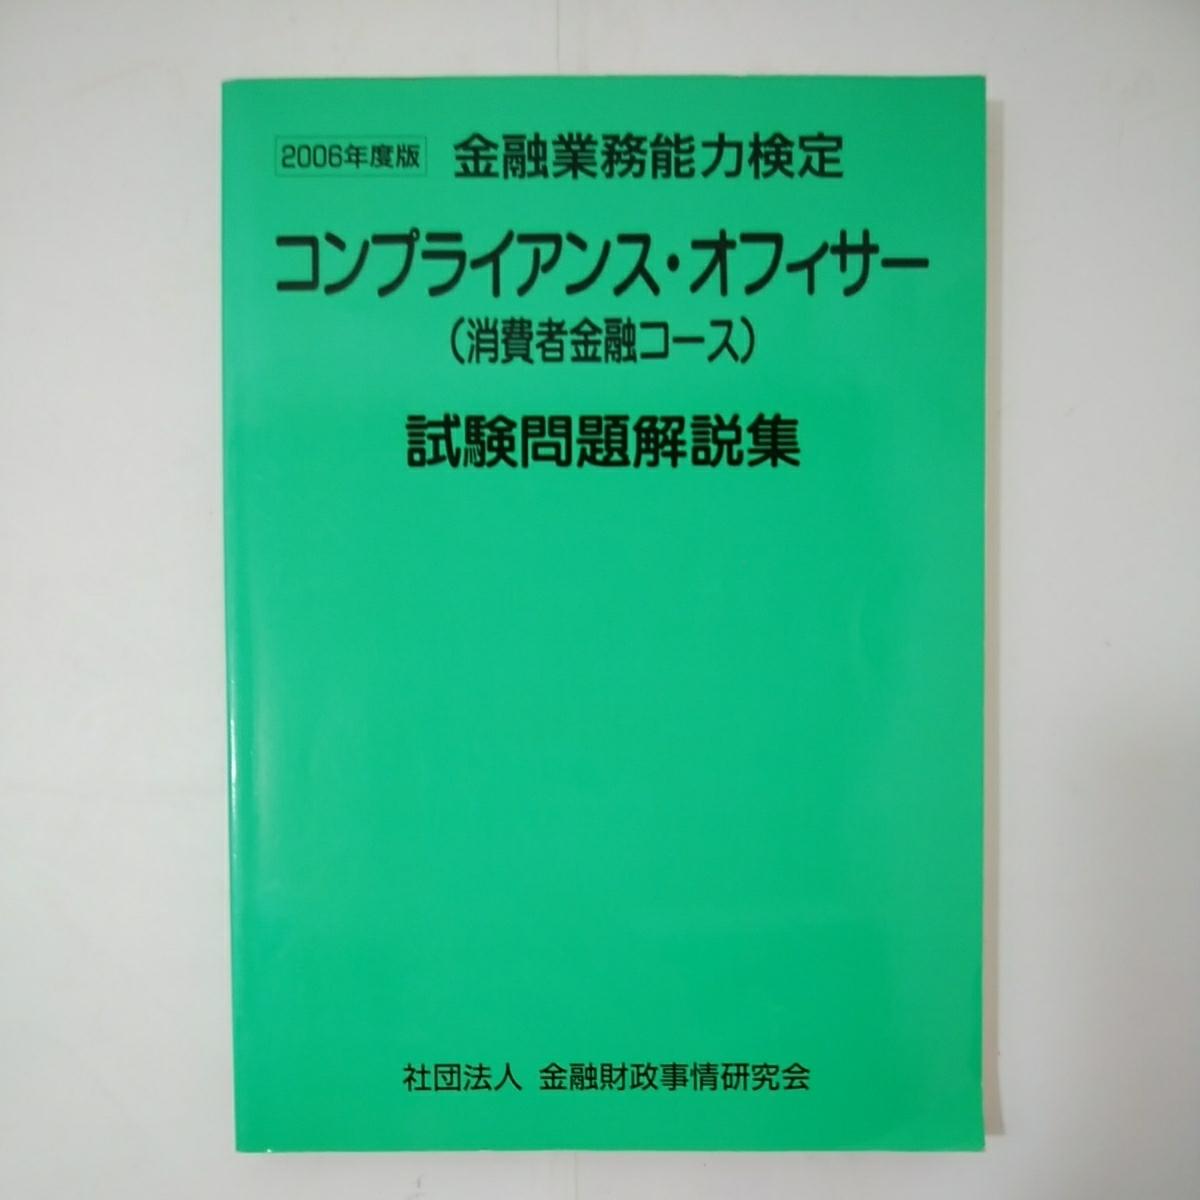 ♪コンプライアンス・オフィサー(消費者金融コース)試験問題解説集〈2006年度版〉 (金融業務能力検定) 単行本 2006/7 z-44-②_画像1